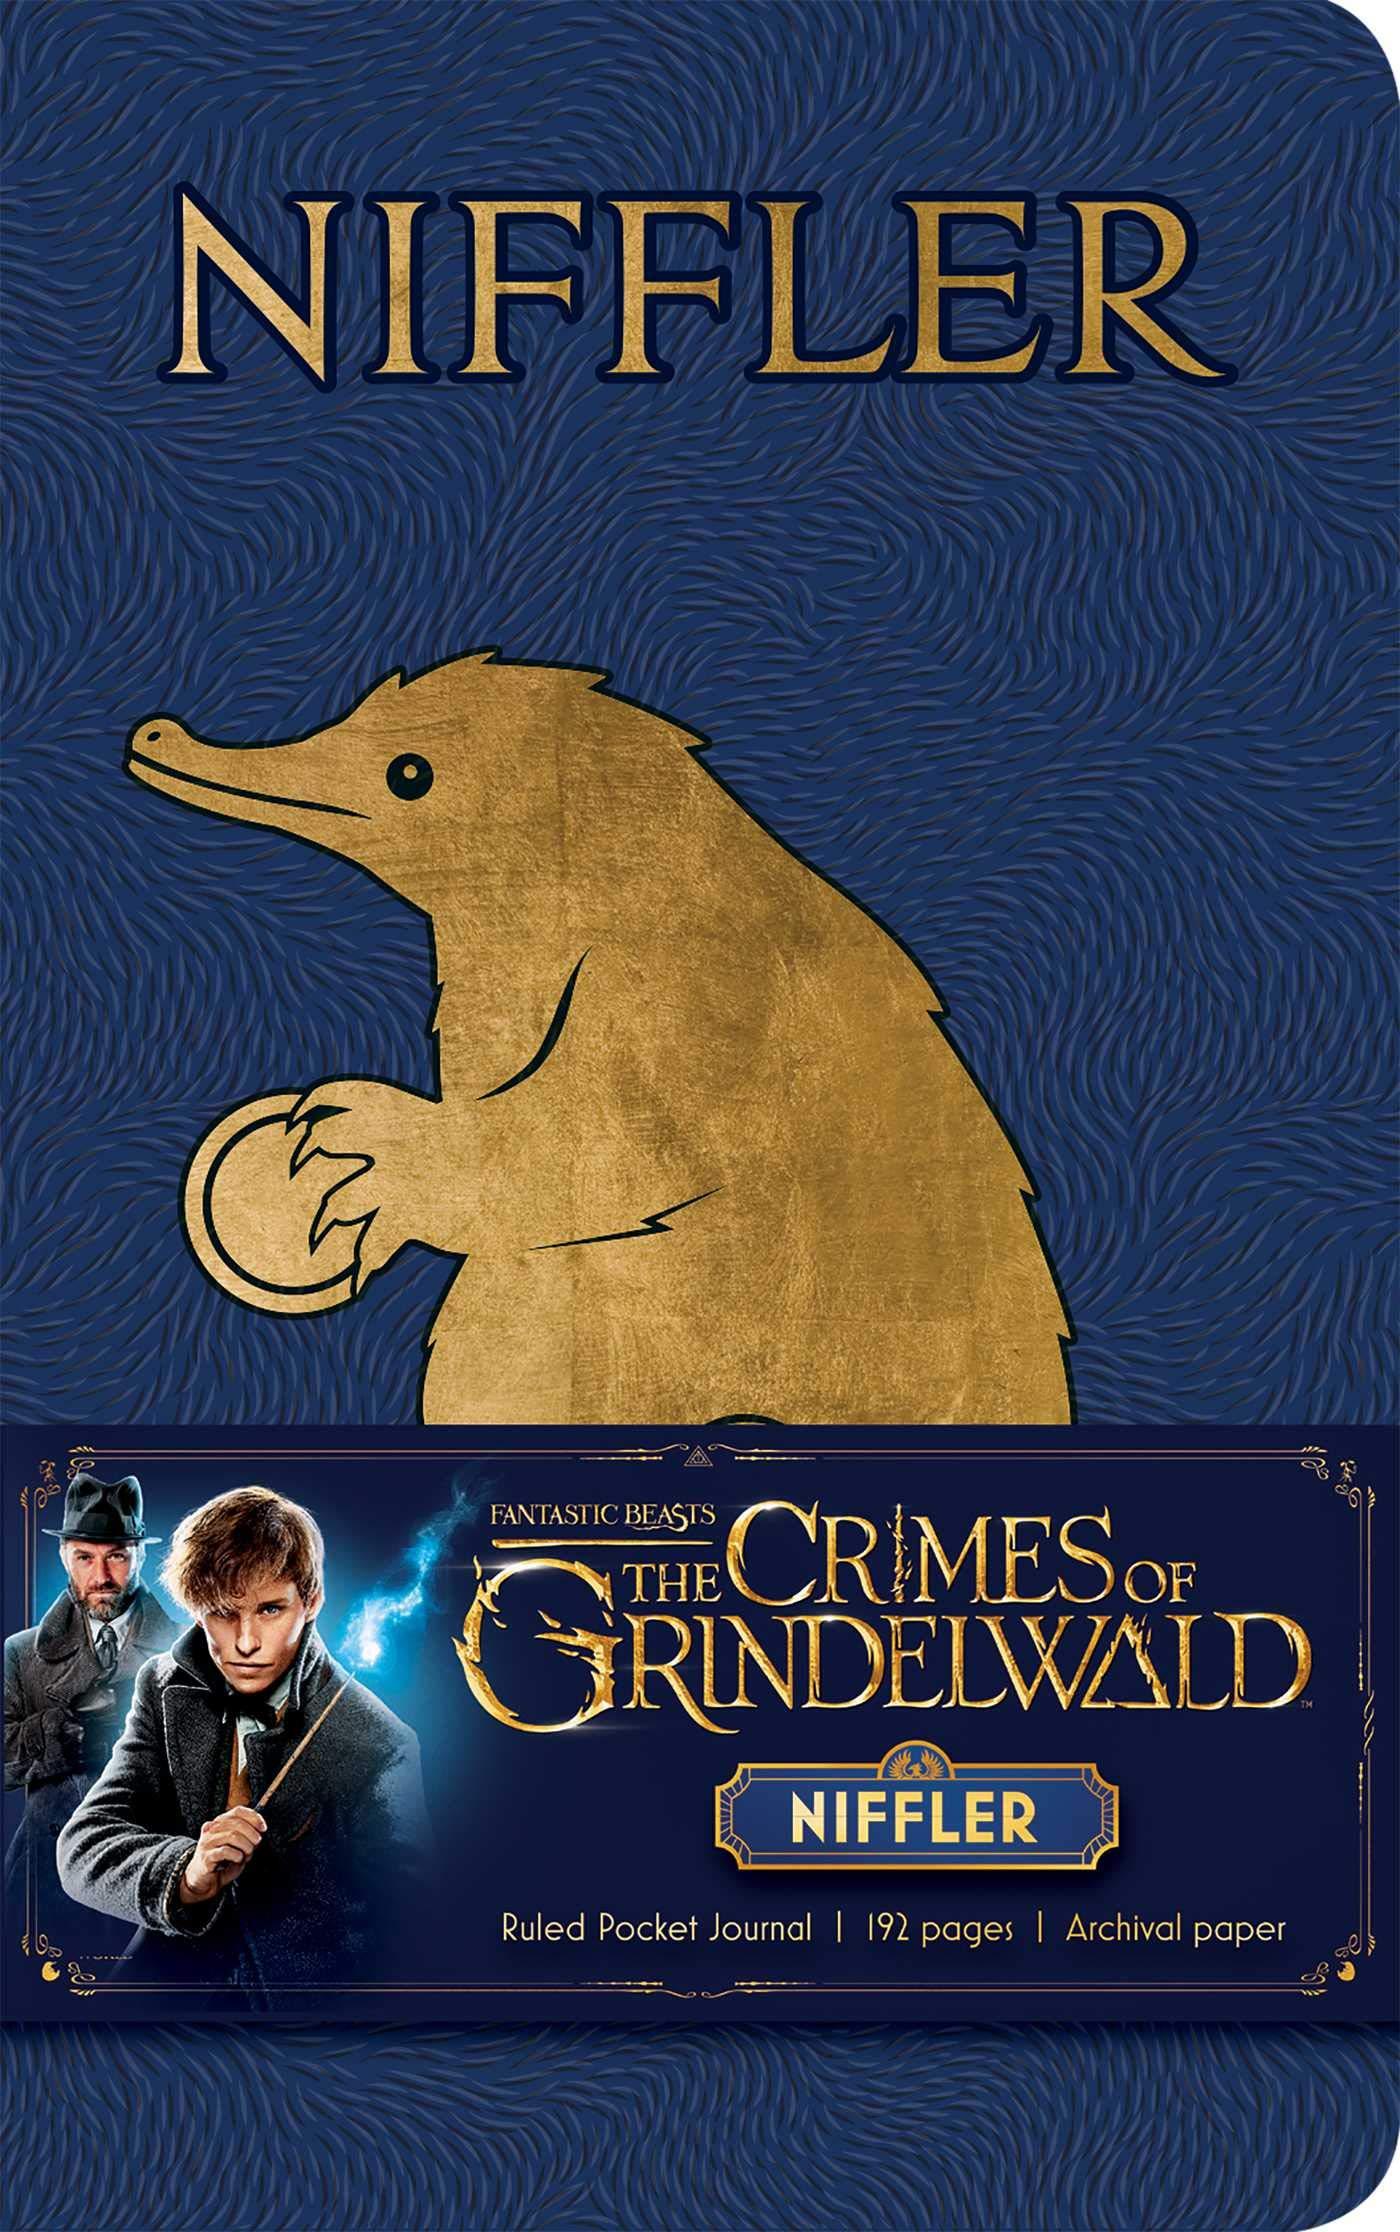 fantastic beasts the crimes of grindelwald niffler ruled pocket journal